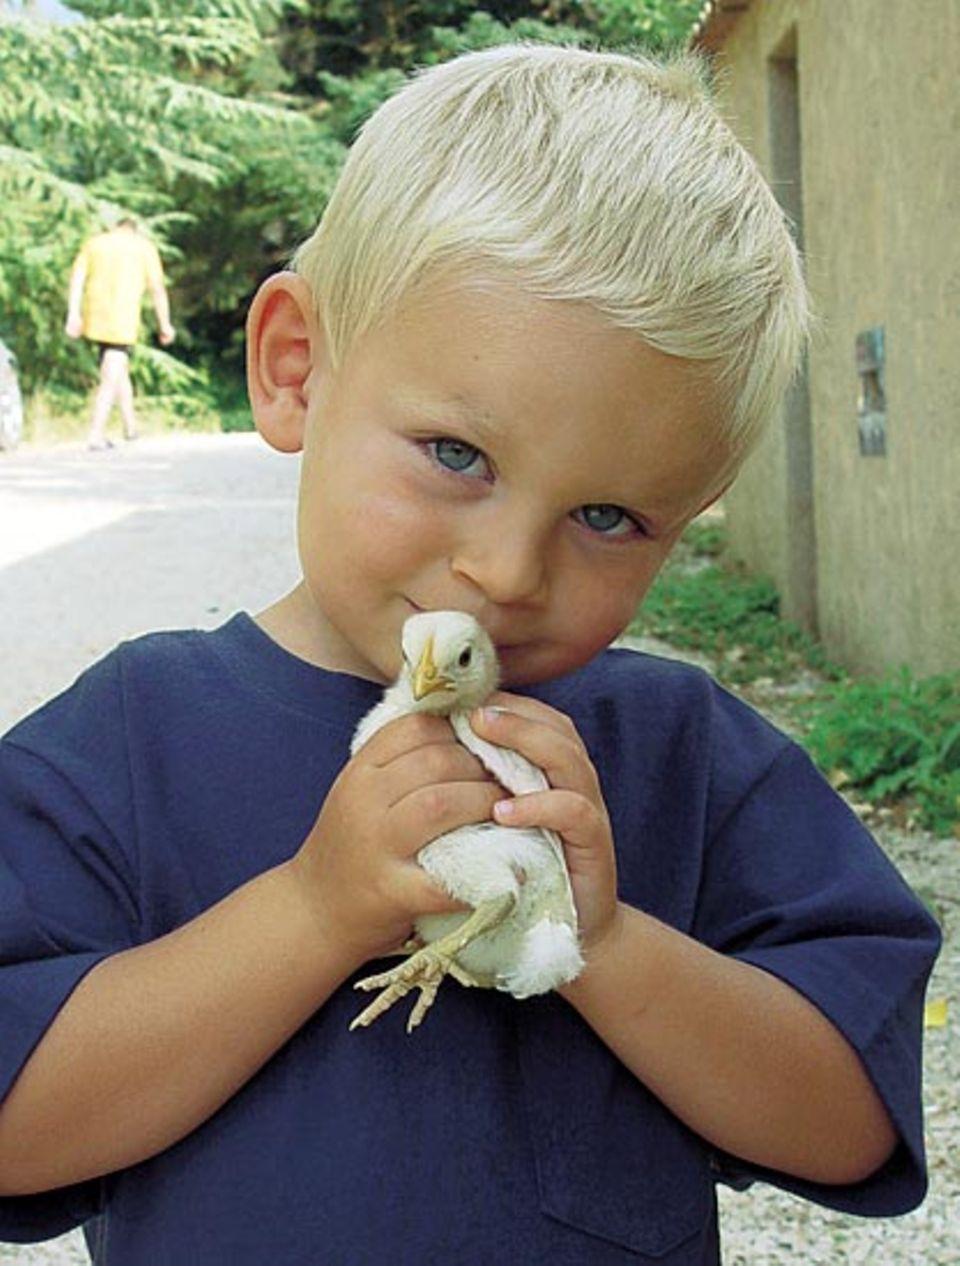 Dicke Freunde: Beim Hühnerfüttern kümmert sich der kleine Fabrice besonders aufmerksam um sein Lieblingsküken